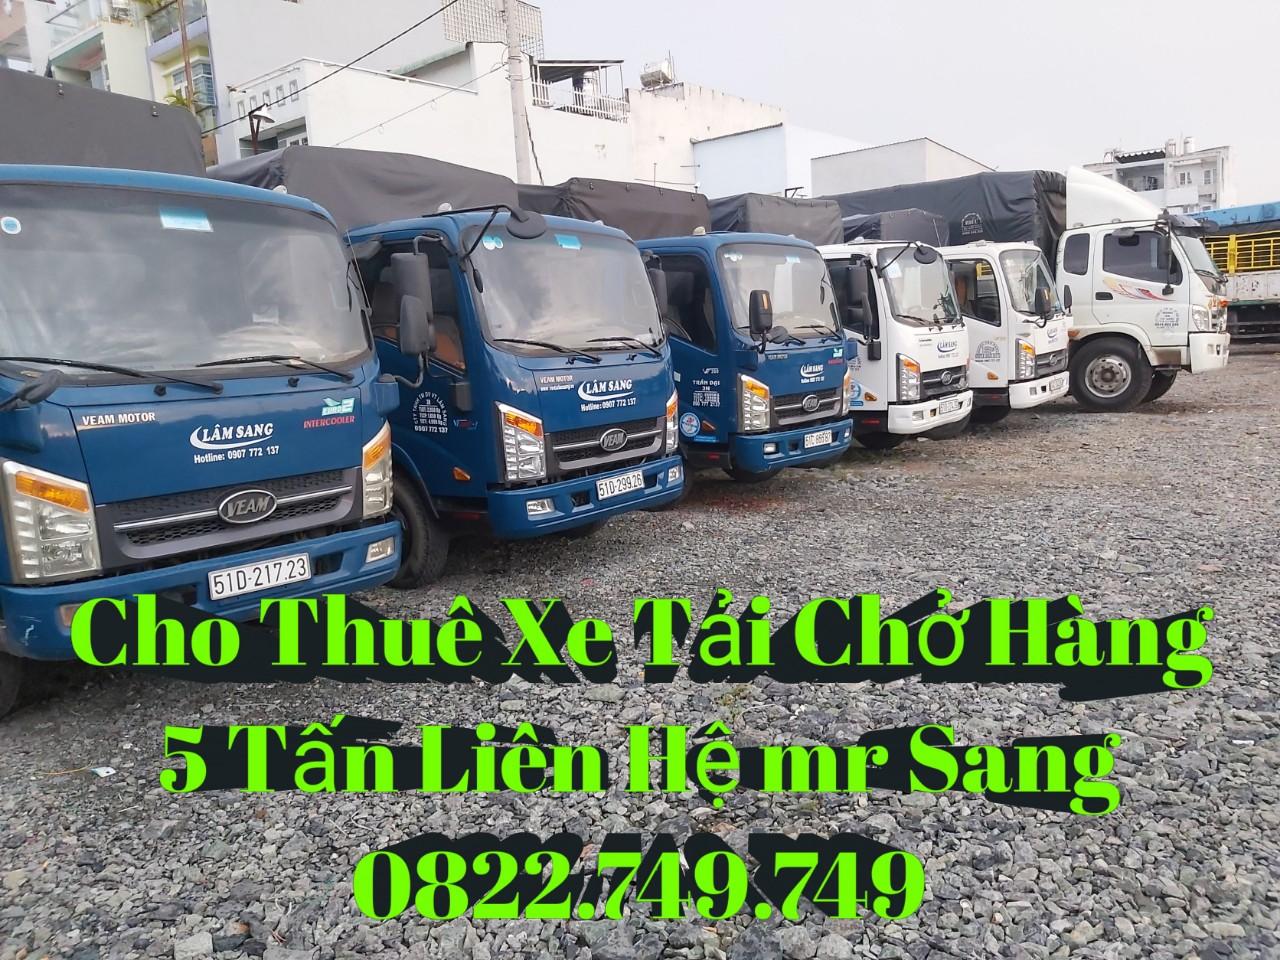 xe tải chở hàng giá rẻ tại tphcm - công ty vận tải lâm sang